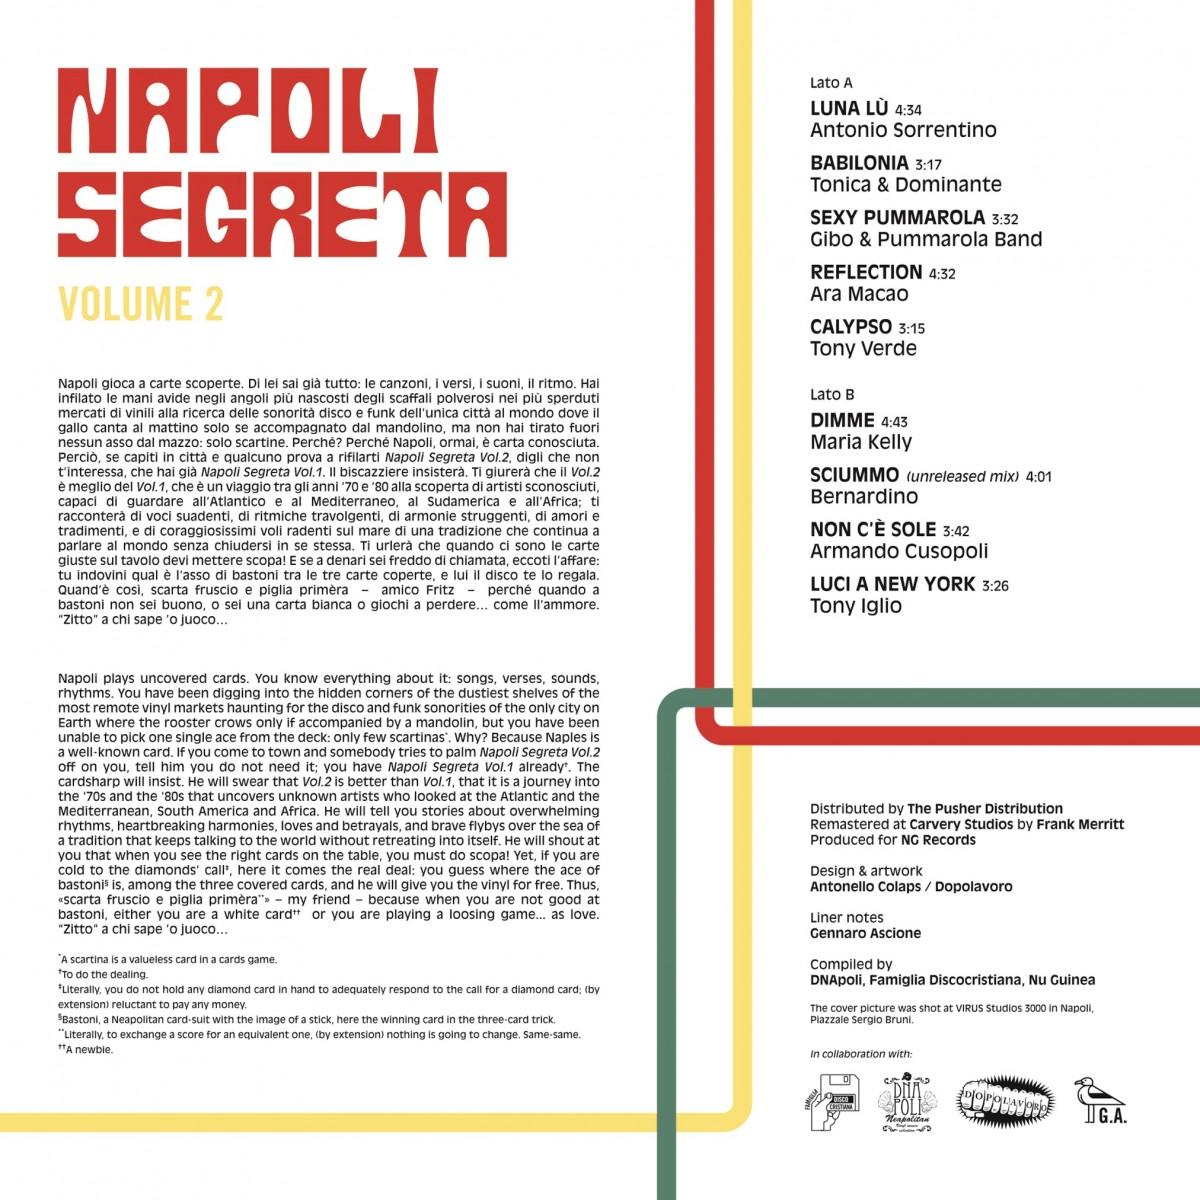 Napoli Segreta Volume 2